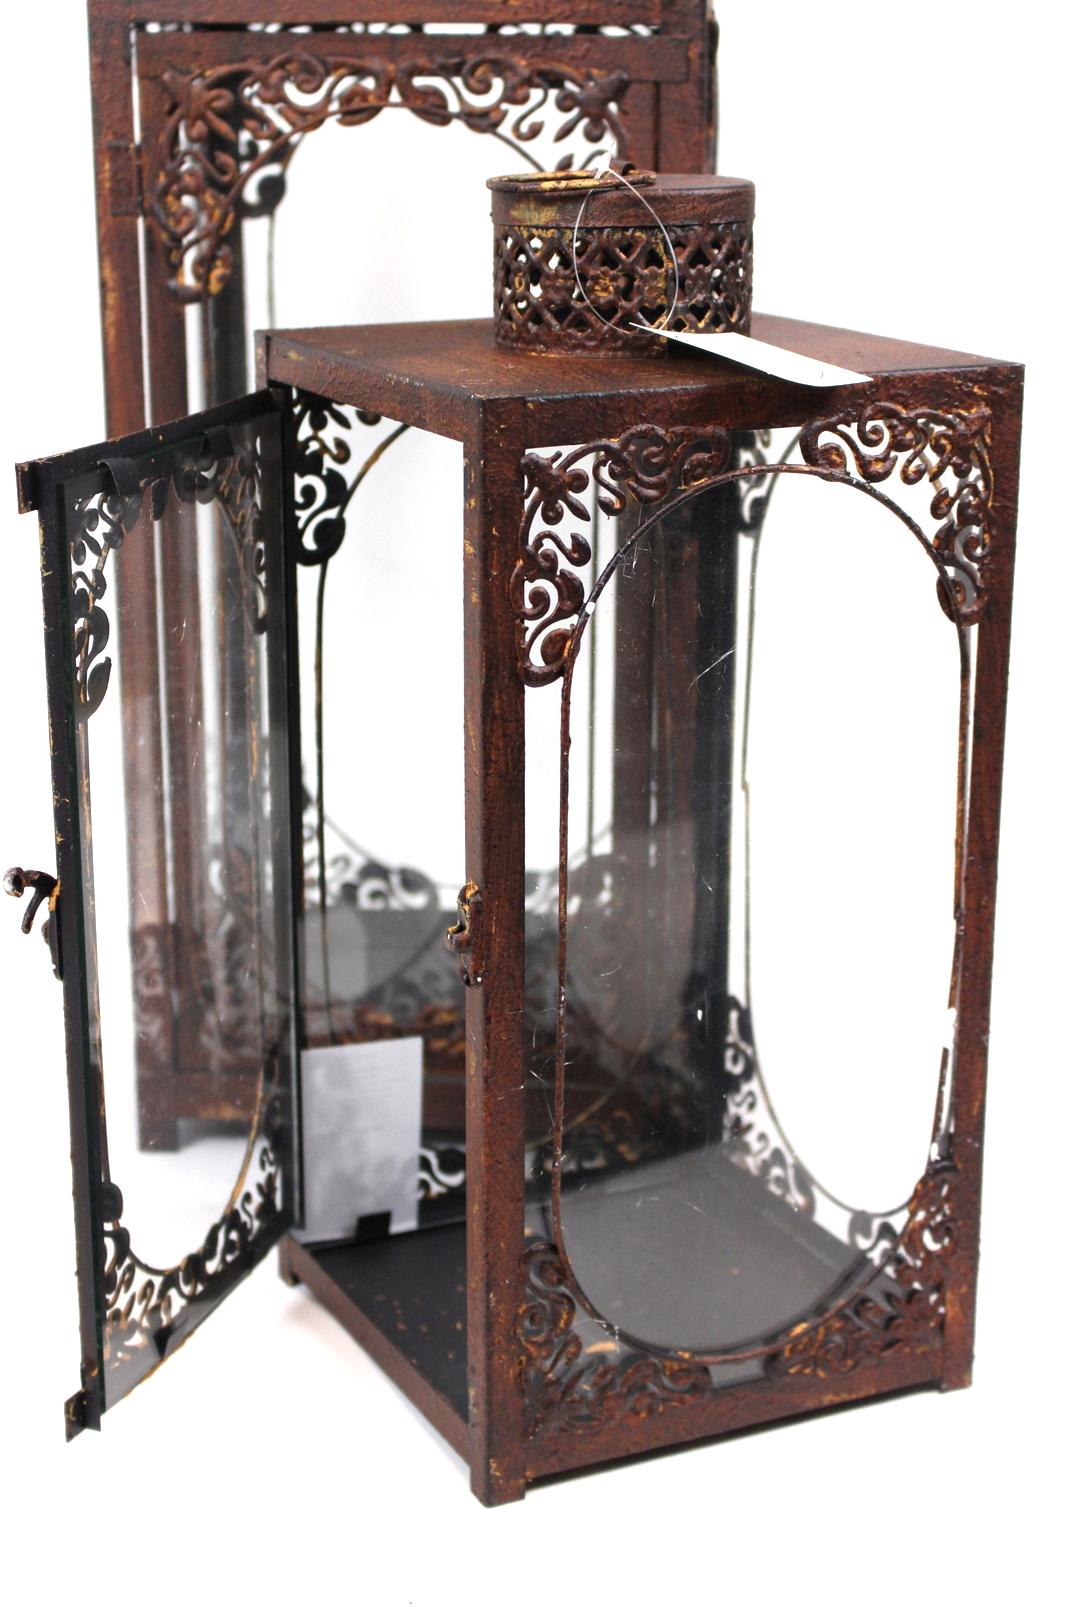 3 tlg xxl windlicht set metall glas mediterran landhaus for Xxl windlicht